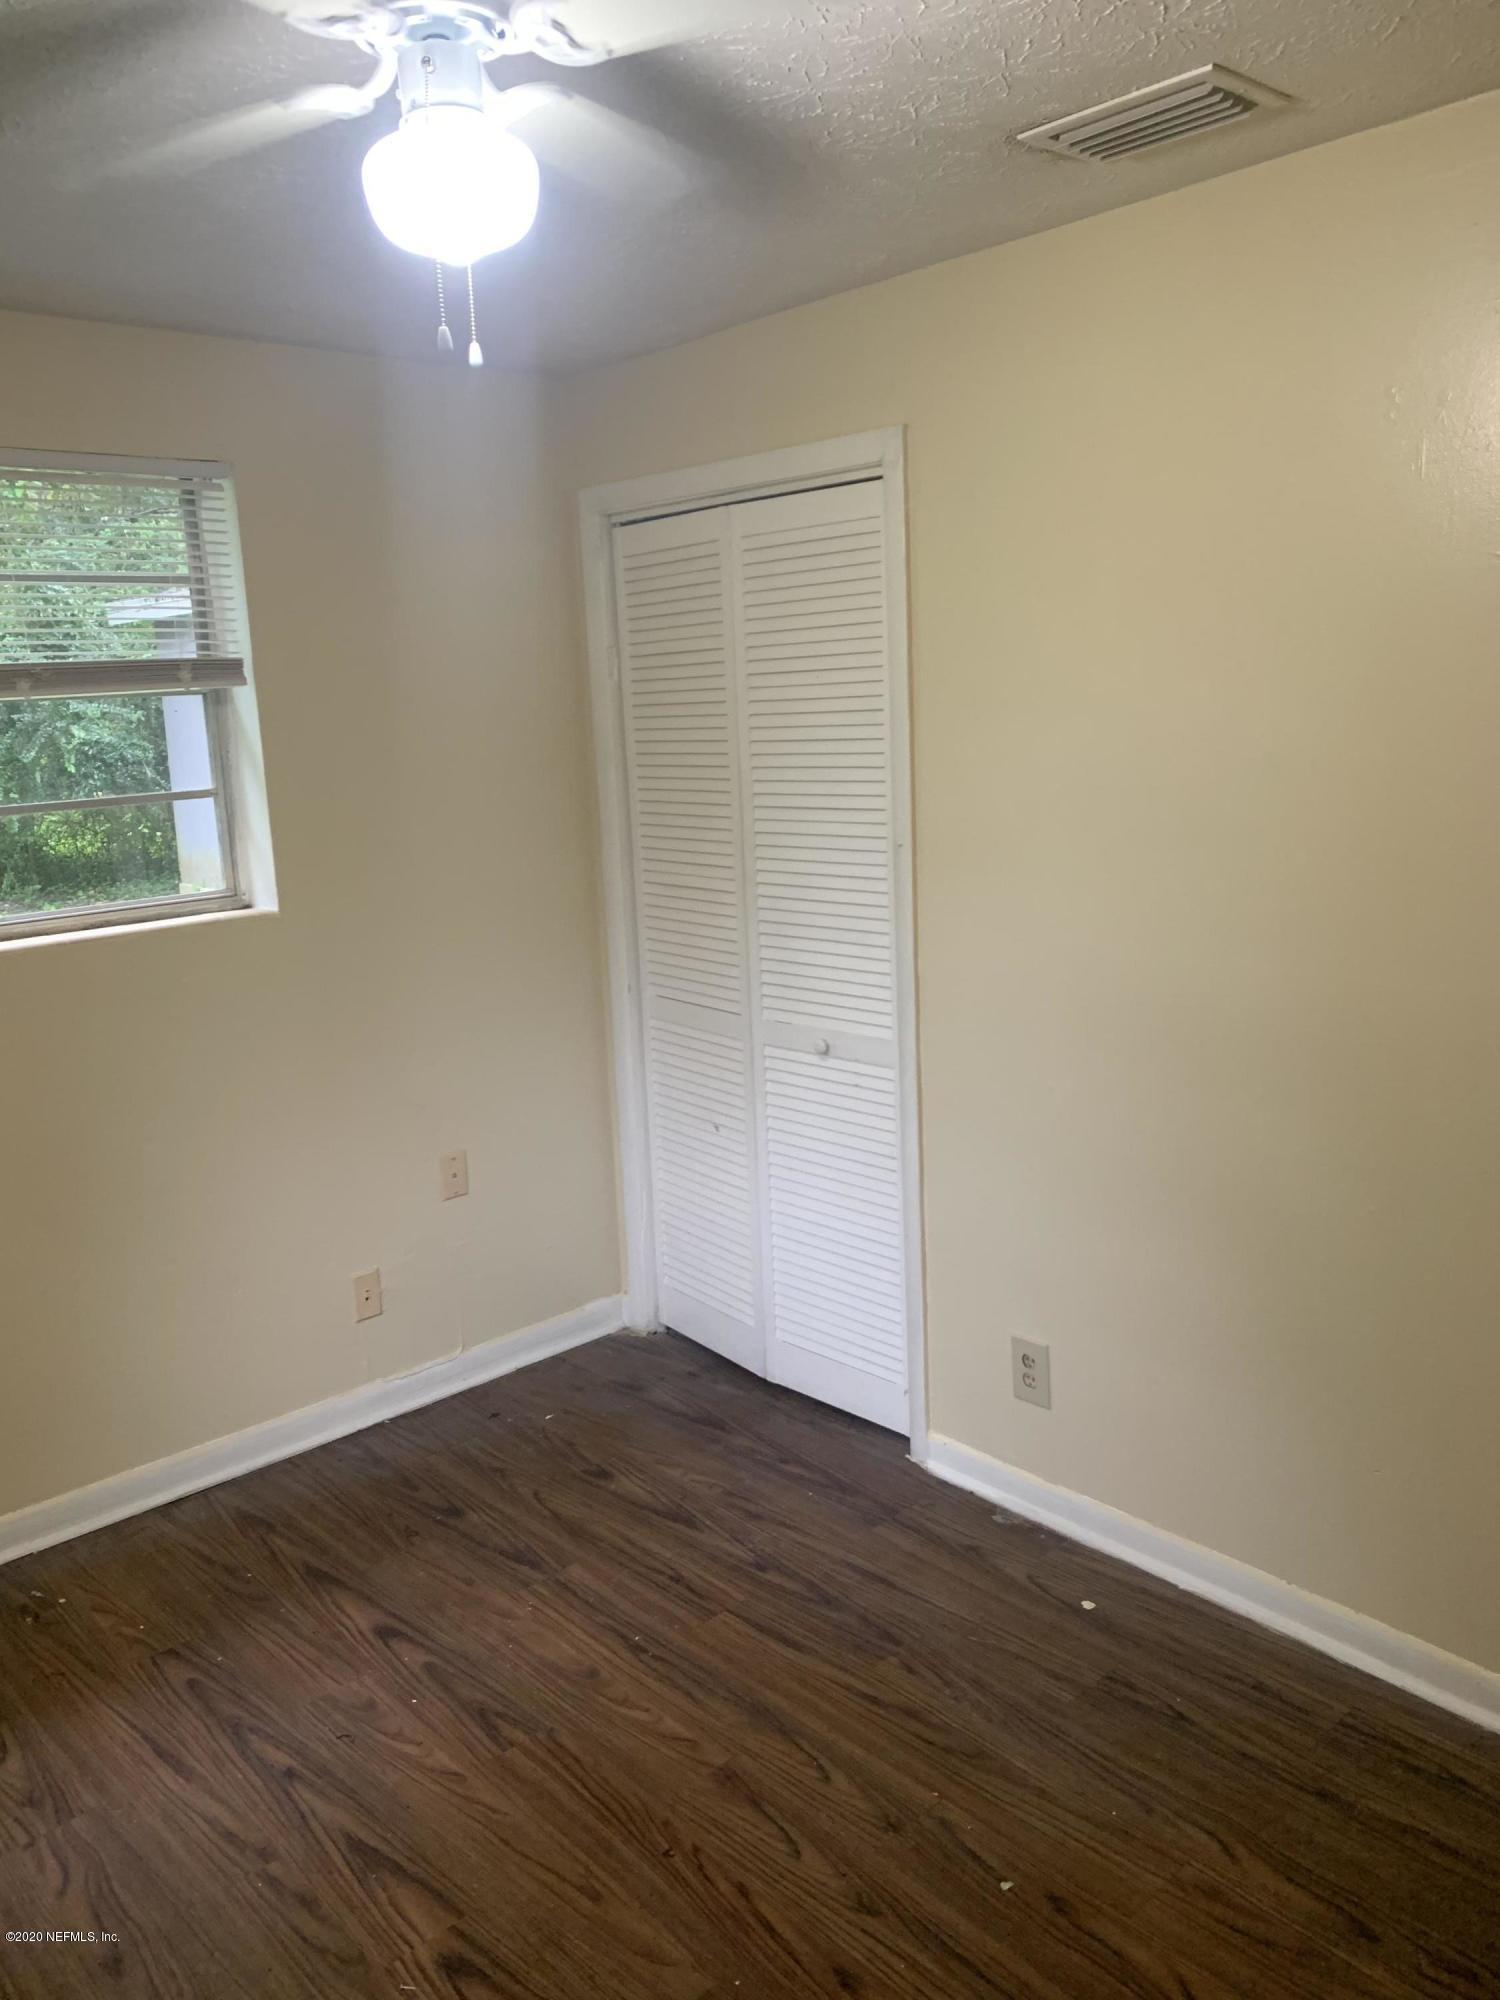 5926 DUNMIRE, JACKSONVILLE, FLORIDA 32219, 3 Bedrooms Bedrooms, ,1 BathroomBathrooms,Residential,For sale,DUNMIRE,1076386